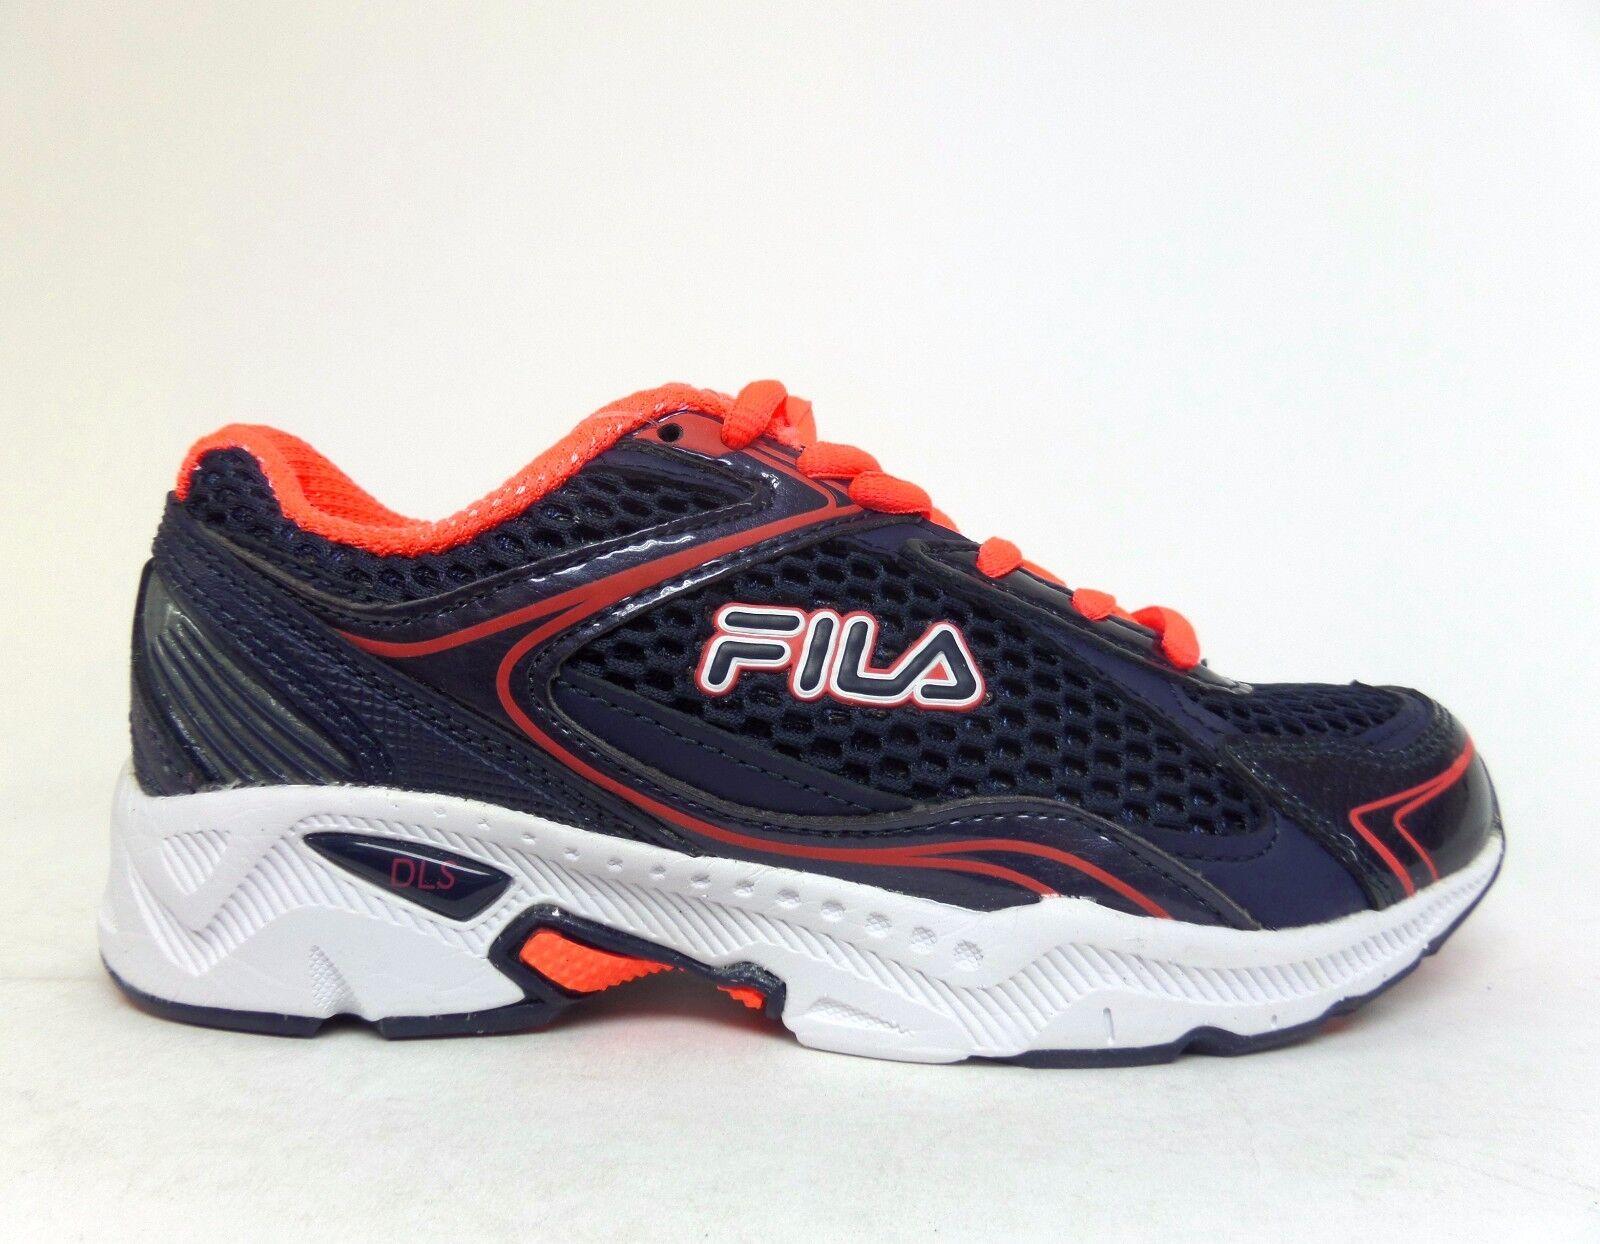 Fila de Mujeres Coolmax trexa Lite 4 zapatillas coral / / coral Navy / Blanco 5sr20326-863 A2 nuevos zapatos para hombres y mujeres, el limitado tiempo de descuento 9a9d15